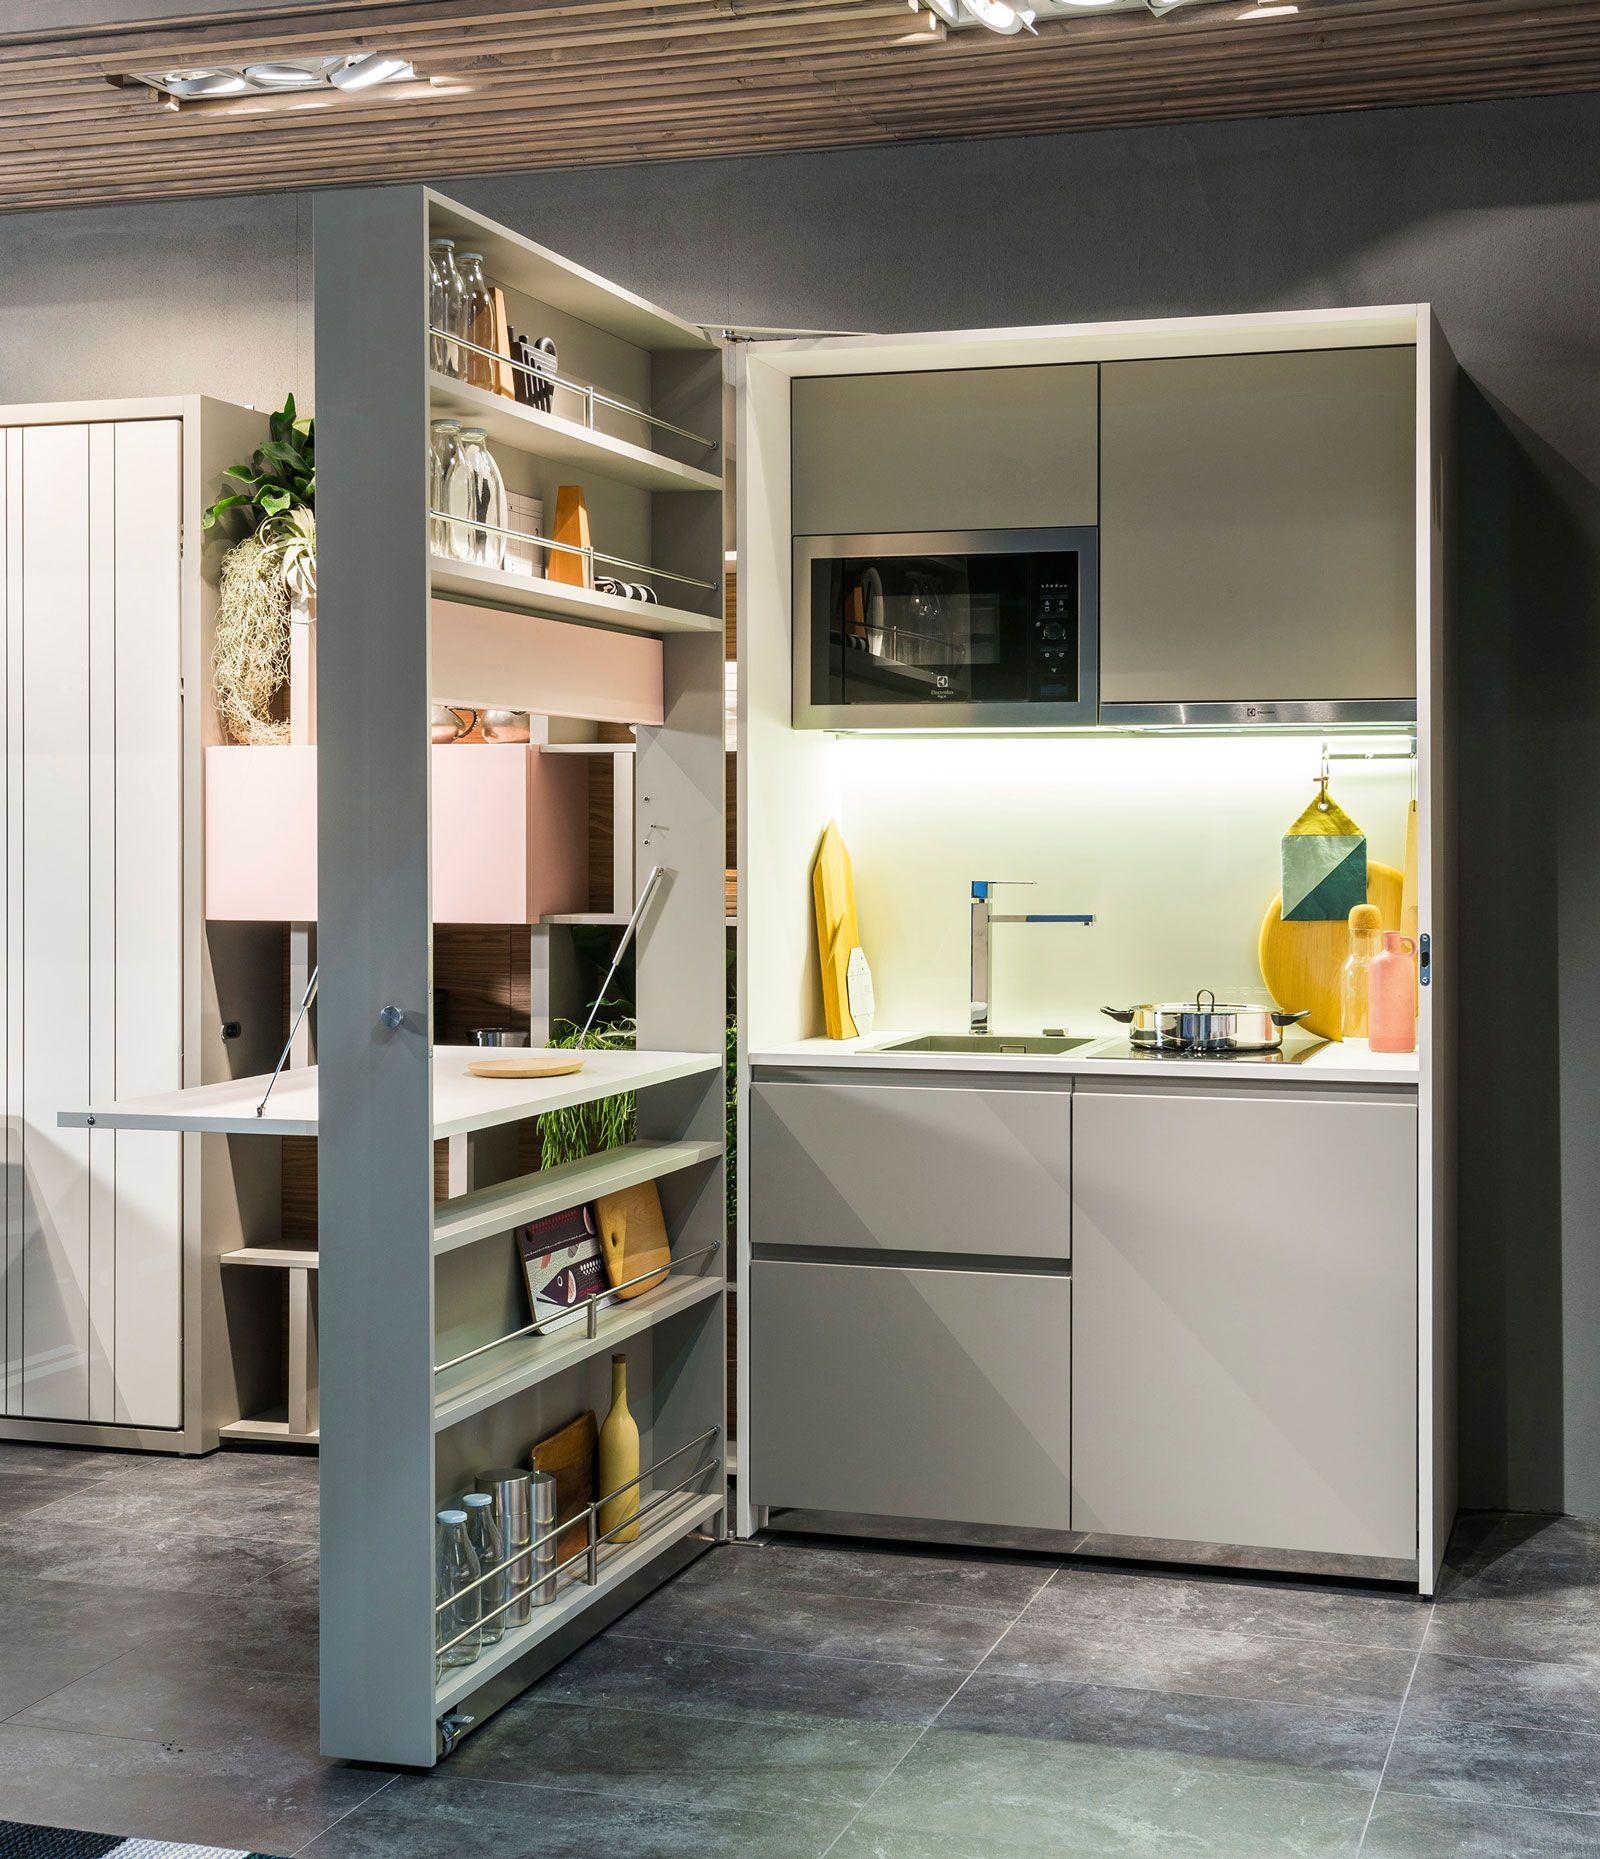 Cucine piccole composizioni compatte anche per il for Composizioni soggiorno design